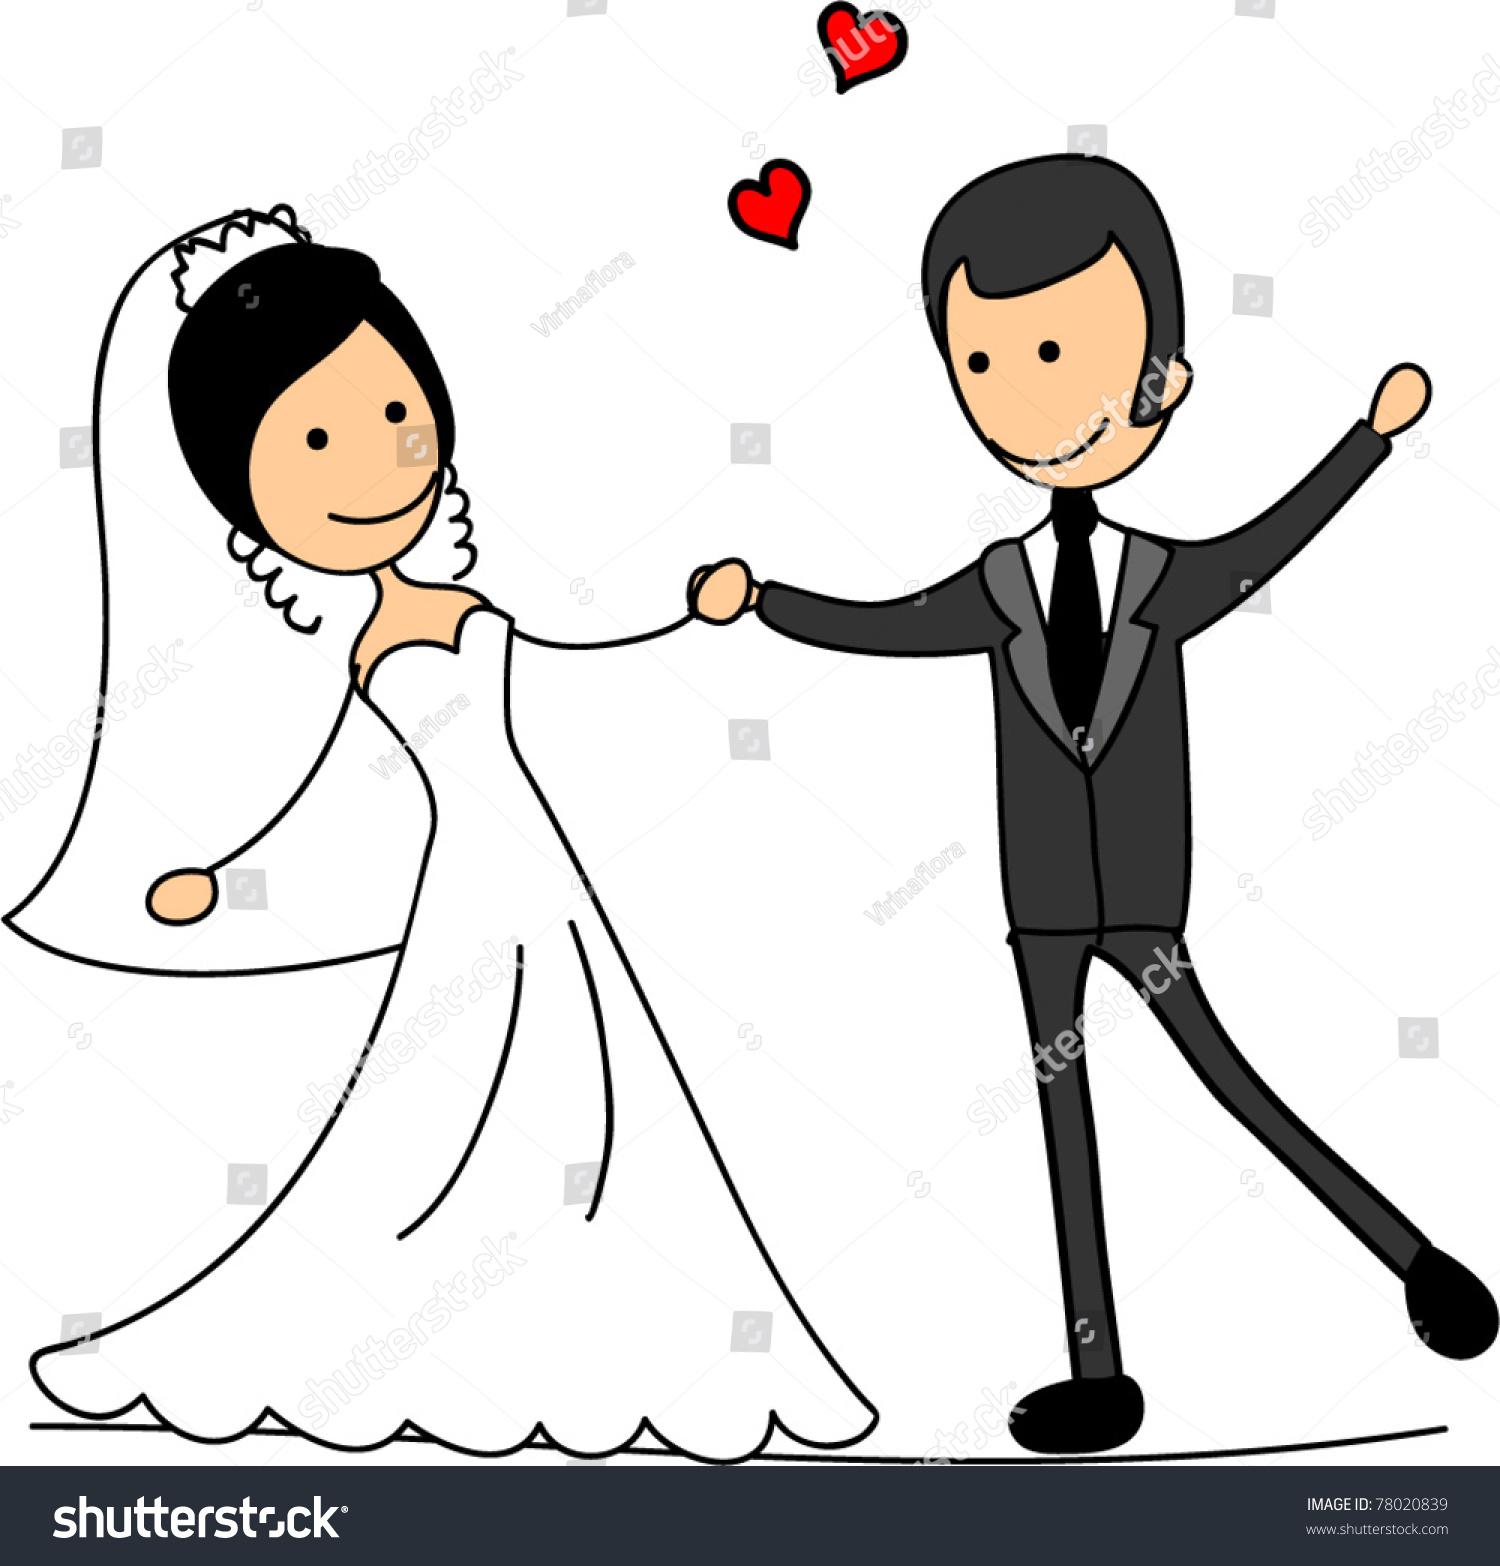 Wedding Cartoon Bride Groom Stock Vector 78020839 - Shutterstock